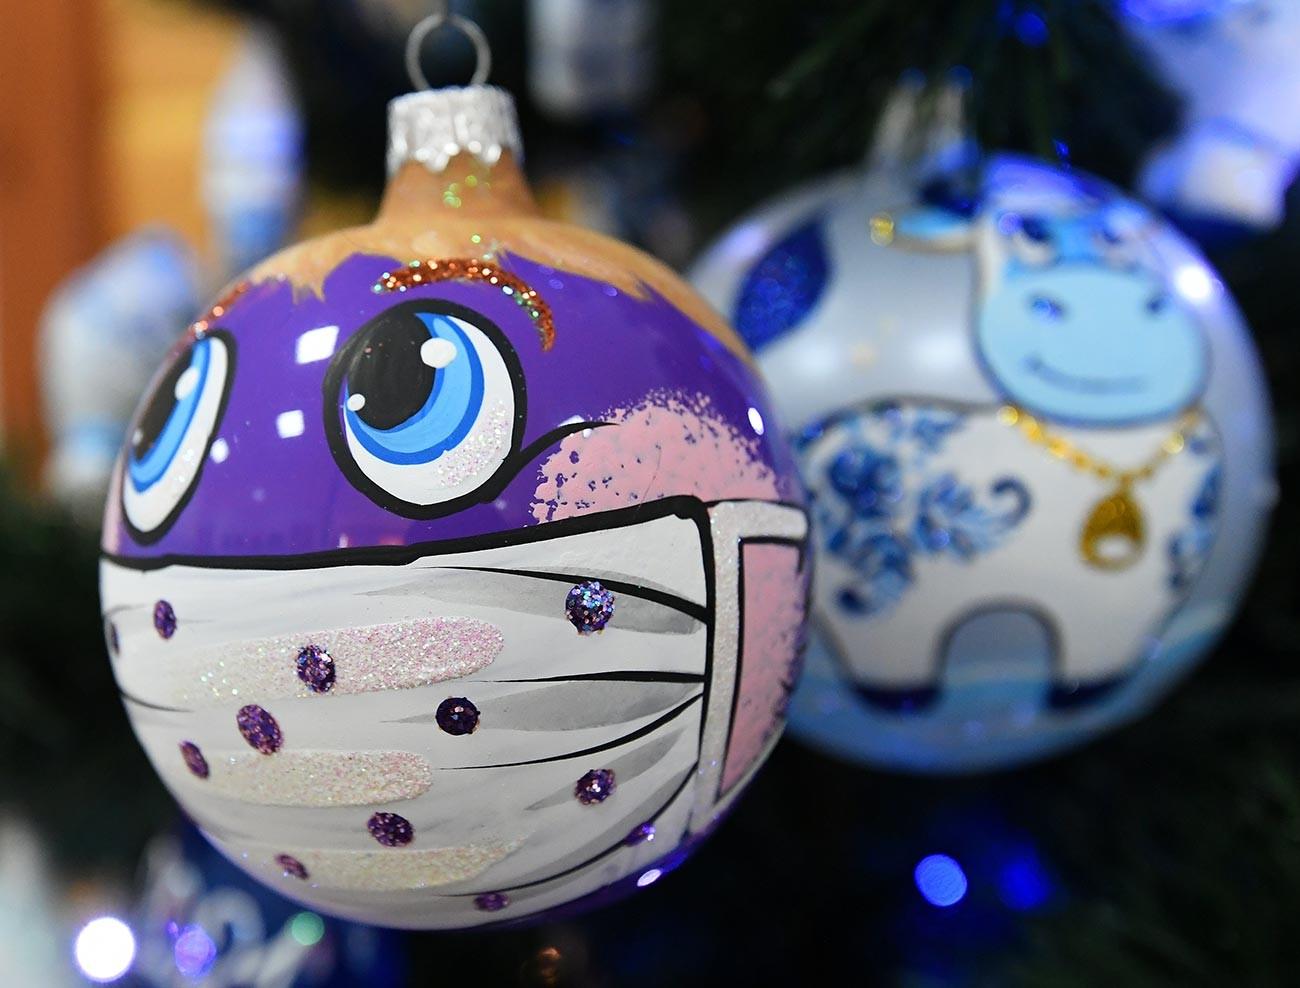 Boules de Noël à Krasnoïarsk (Sibérie). Cette année, l'on assiste à une forte demande pour celles ornées d'un masque de protection.